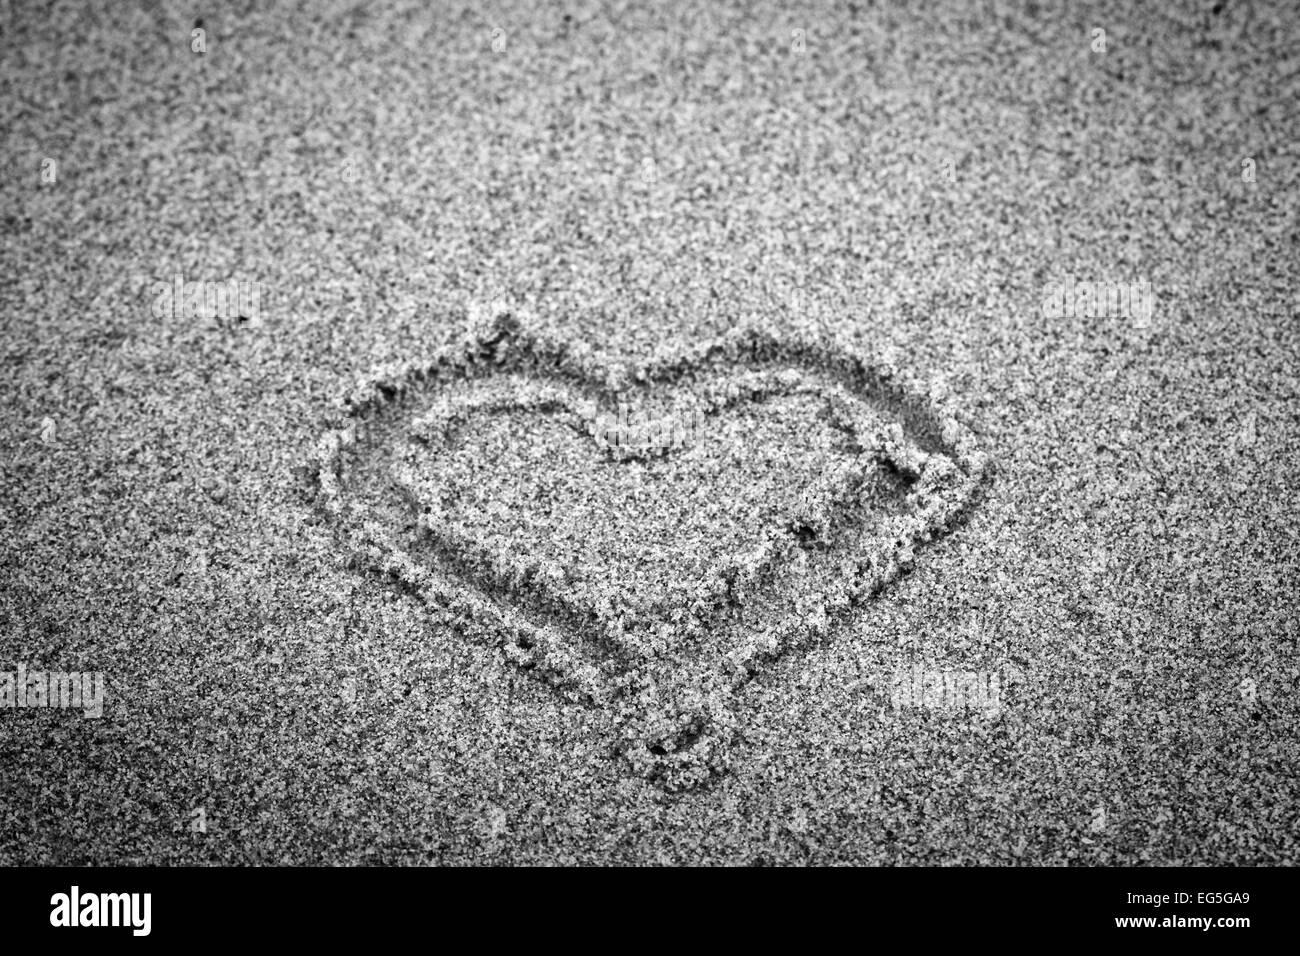 forme de coeur sur le sable romantique noir et blanc la main banque d 39 images photo stock. Black Bedroom Furniture Sets. Home Design Ideas